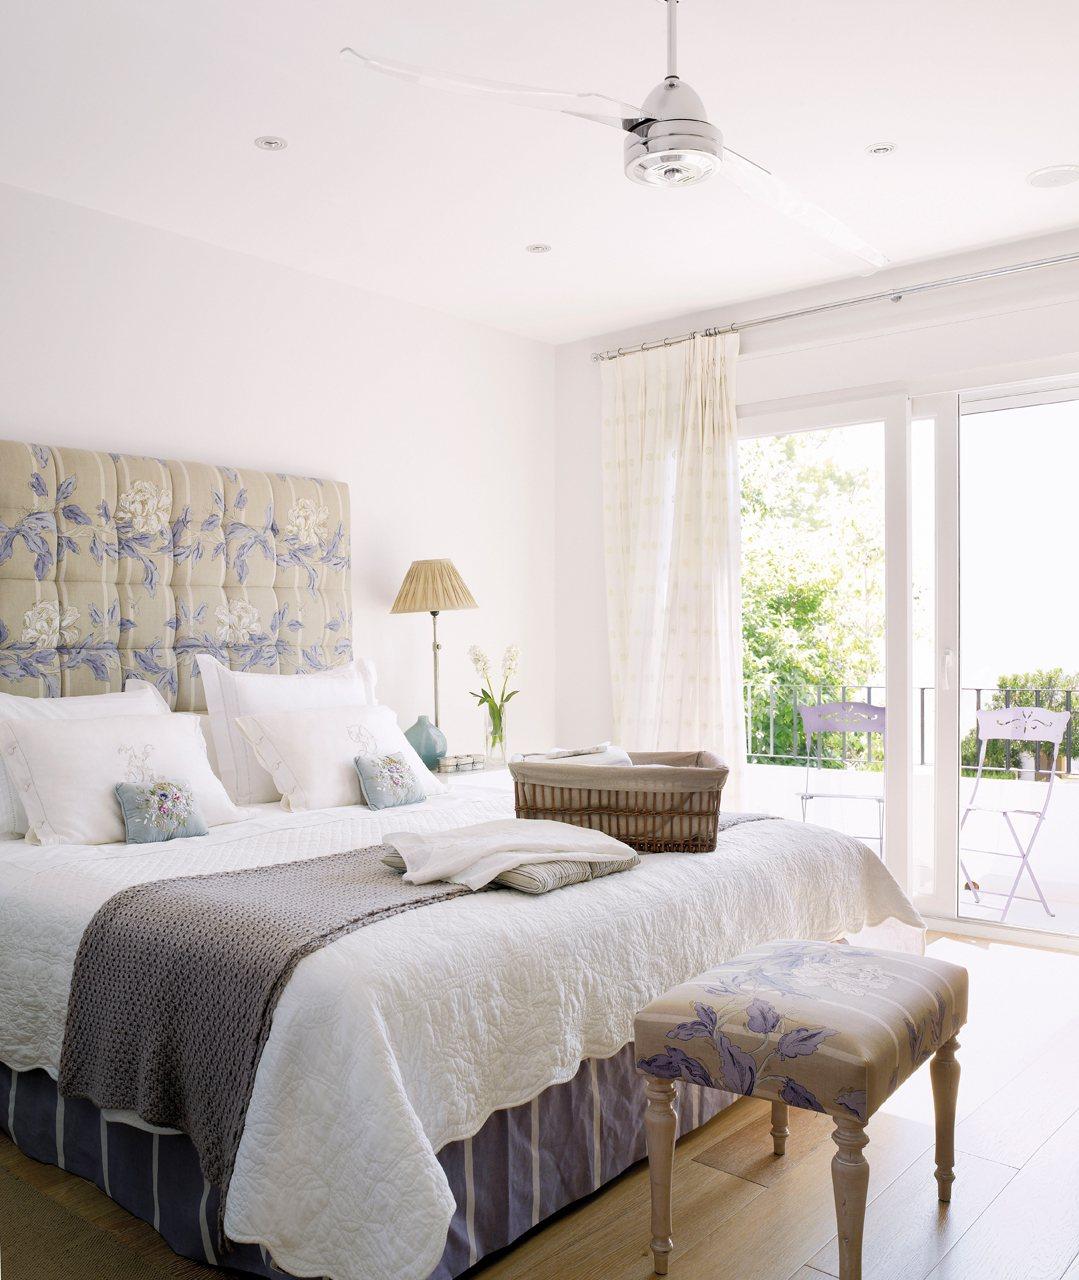 Estrena dormitorio renovando las telas for Decorar cortinas para dormitorio